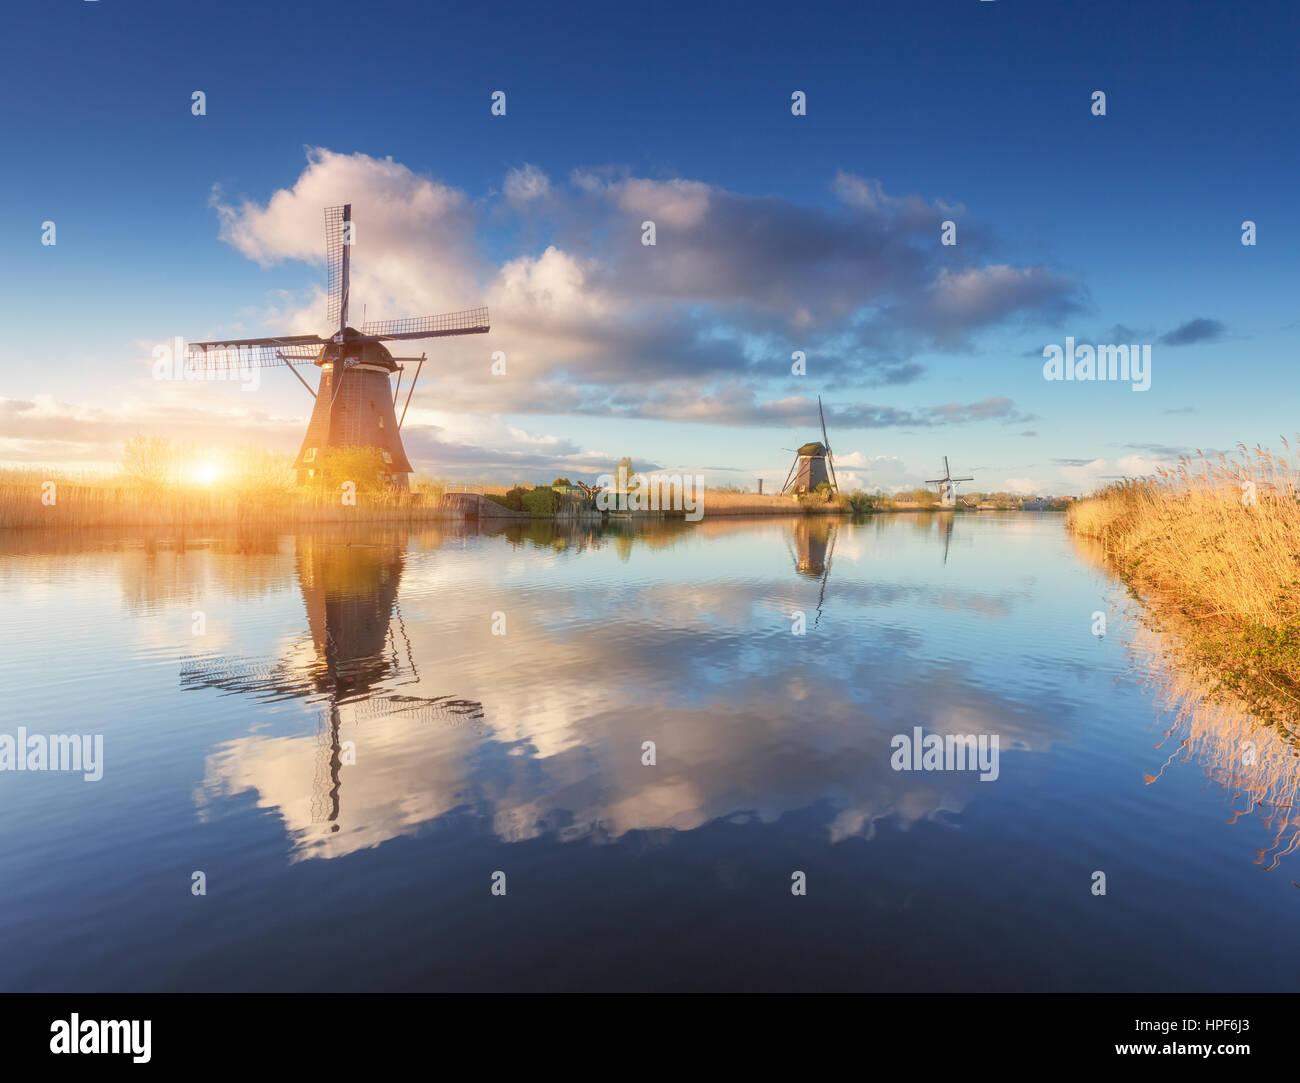 Mulini a vento di sunrise. Paesaggio agreste con sorprendente olandese di mulini a vento in prossimità dell'acqua Immagini Stock